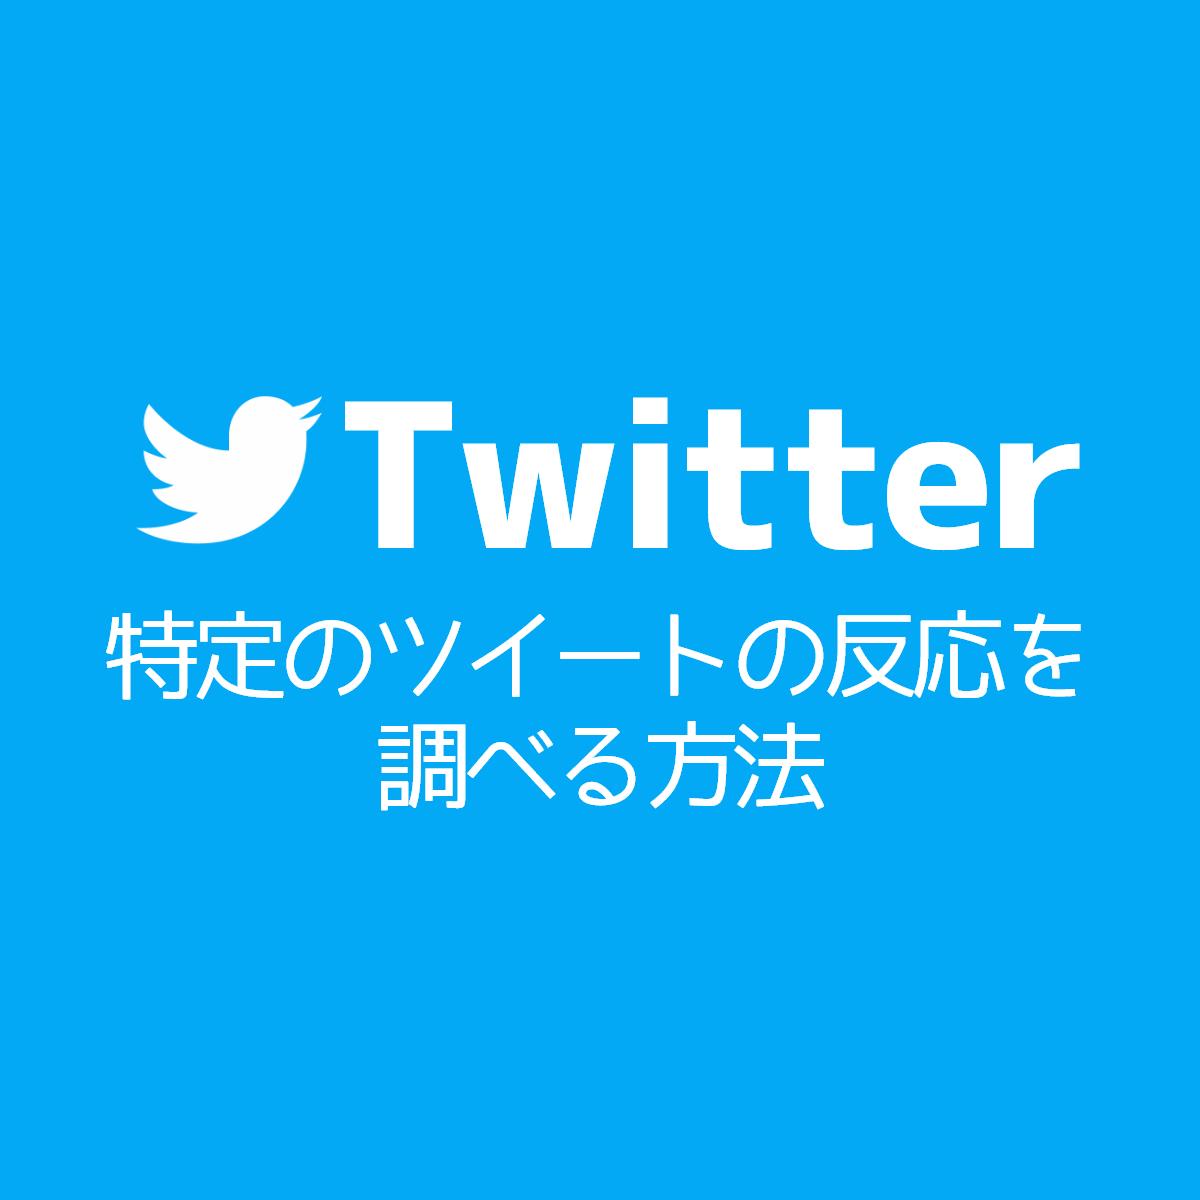 twitter-url-search